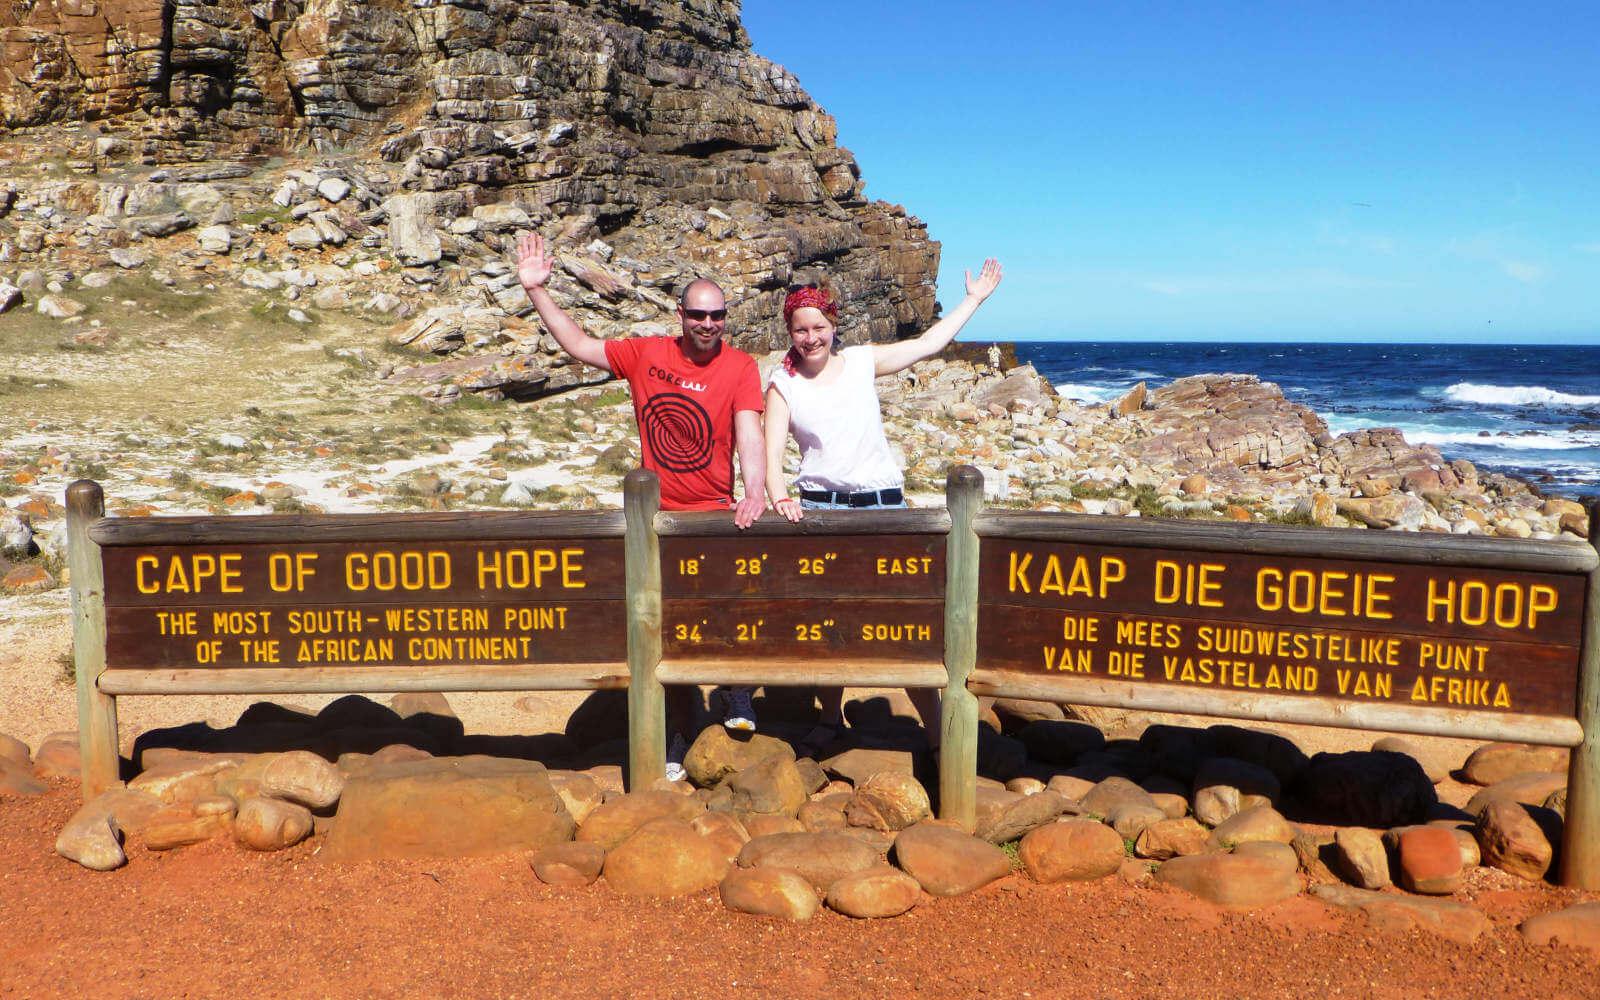 Julia und Sascha am Kap der guten Hoffnung